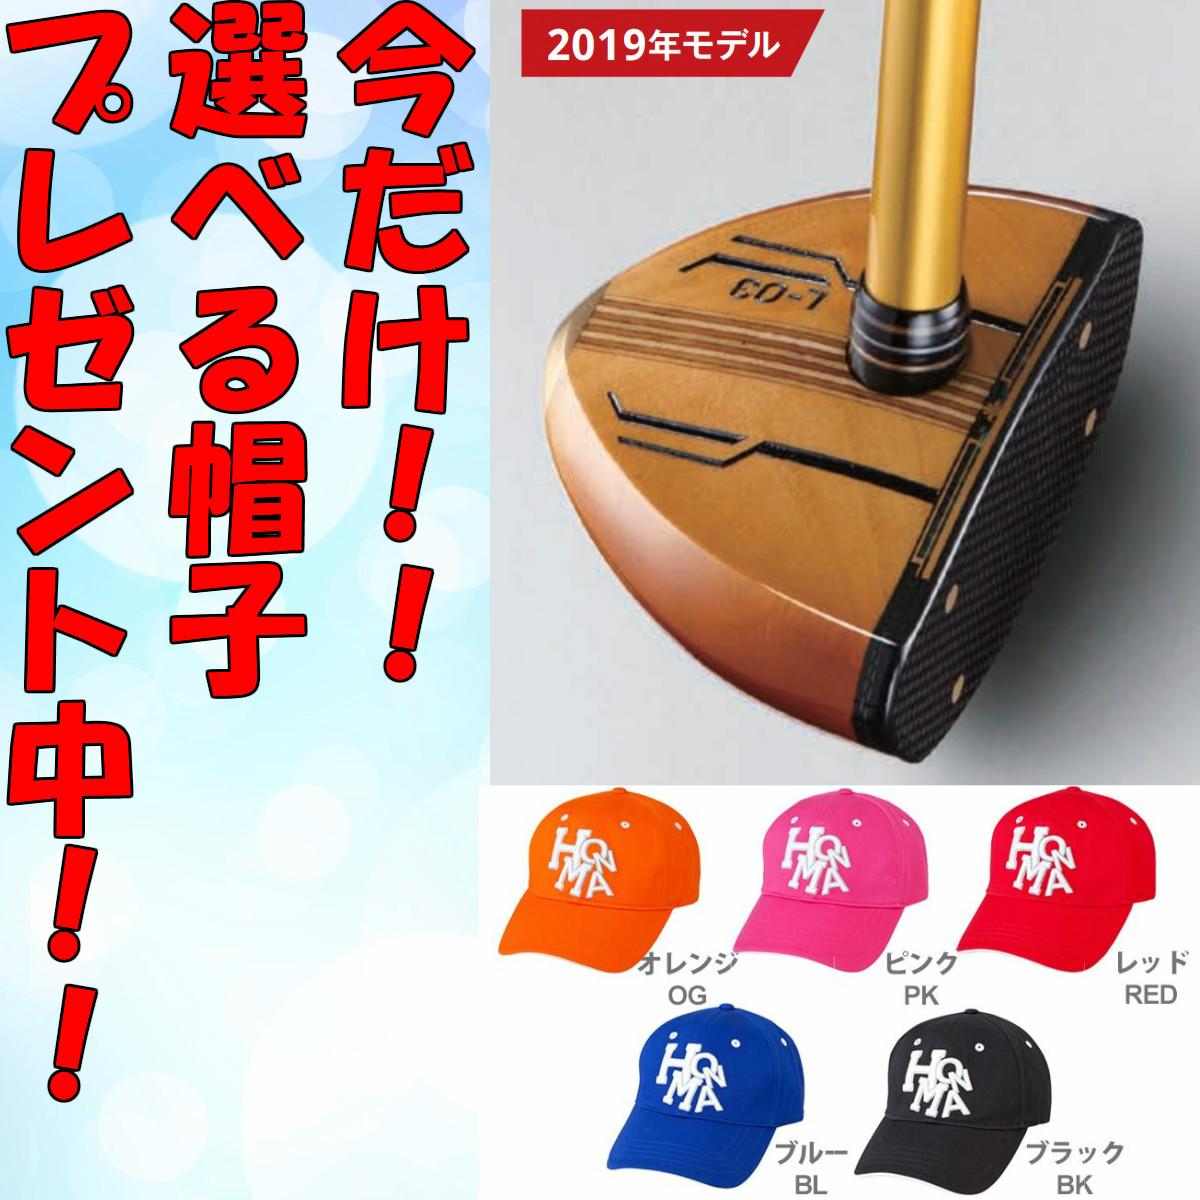 【今だけ帽子プレゼント中!】HONMA L-03 2019年モデル ホンマ パークゴルフ クラブ